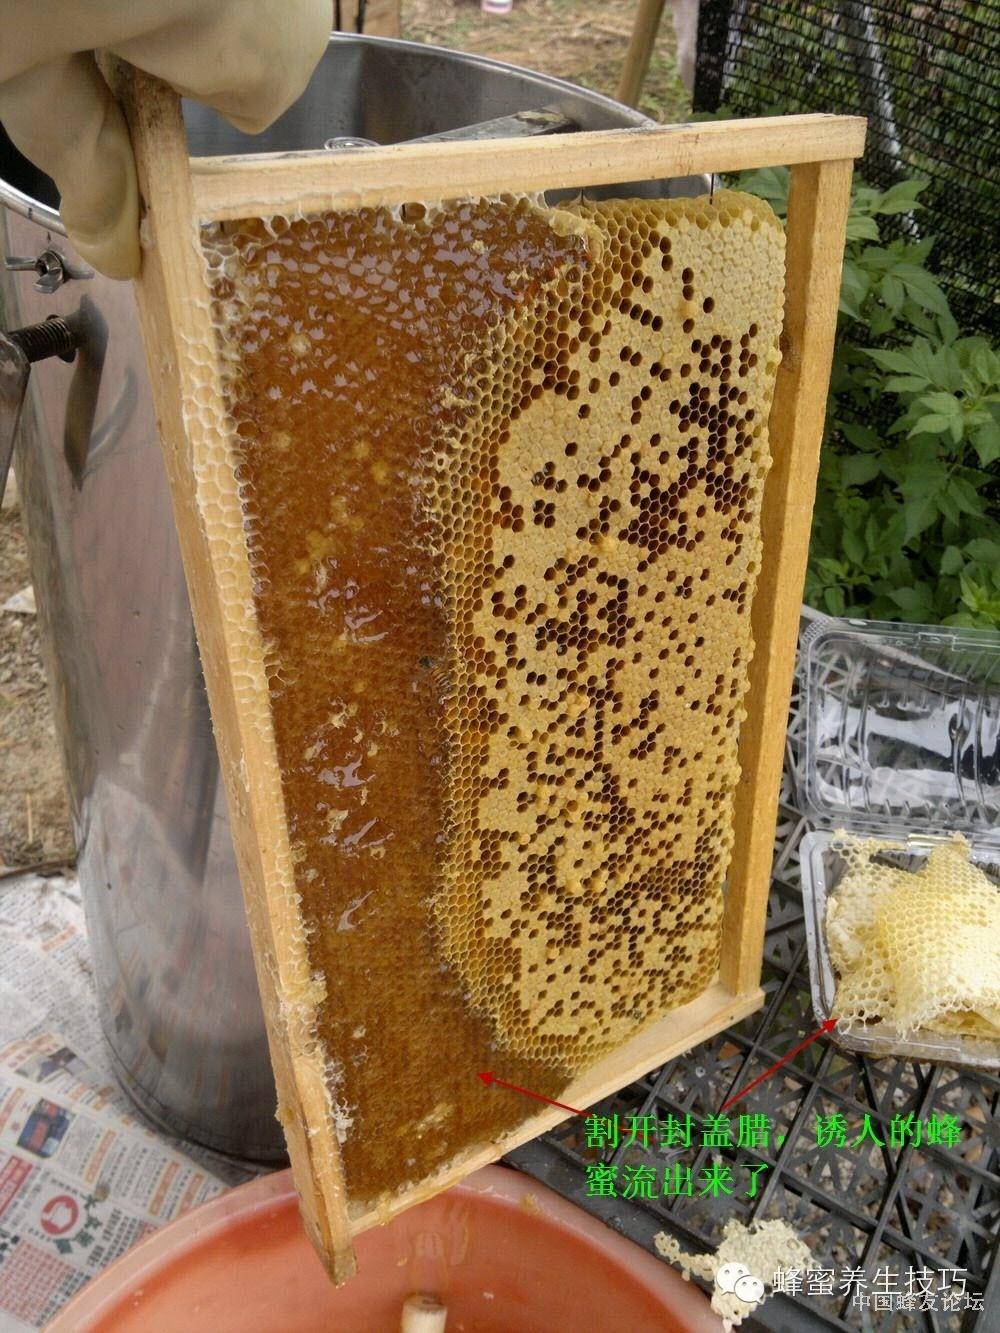 蜂蜜那个牌子好 养蜂技术视频 蜂蜜面膜 牛奶蜂蜜面膜 蜂蜜减肥